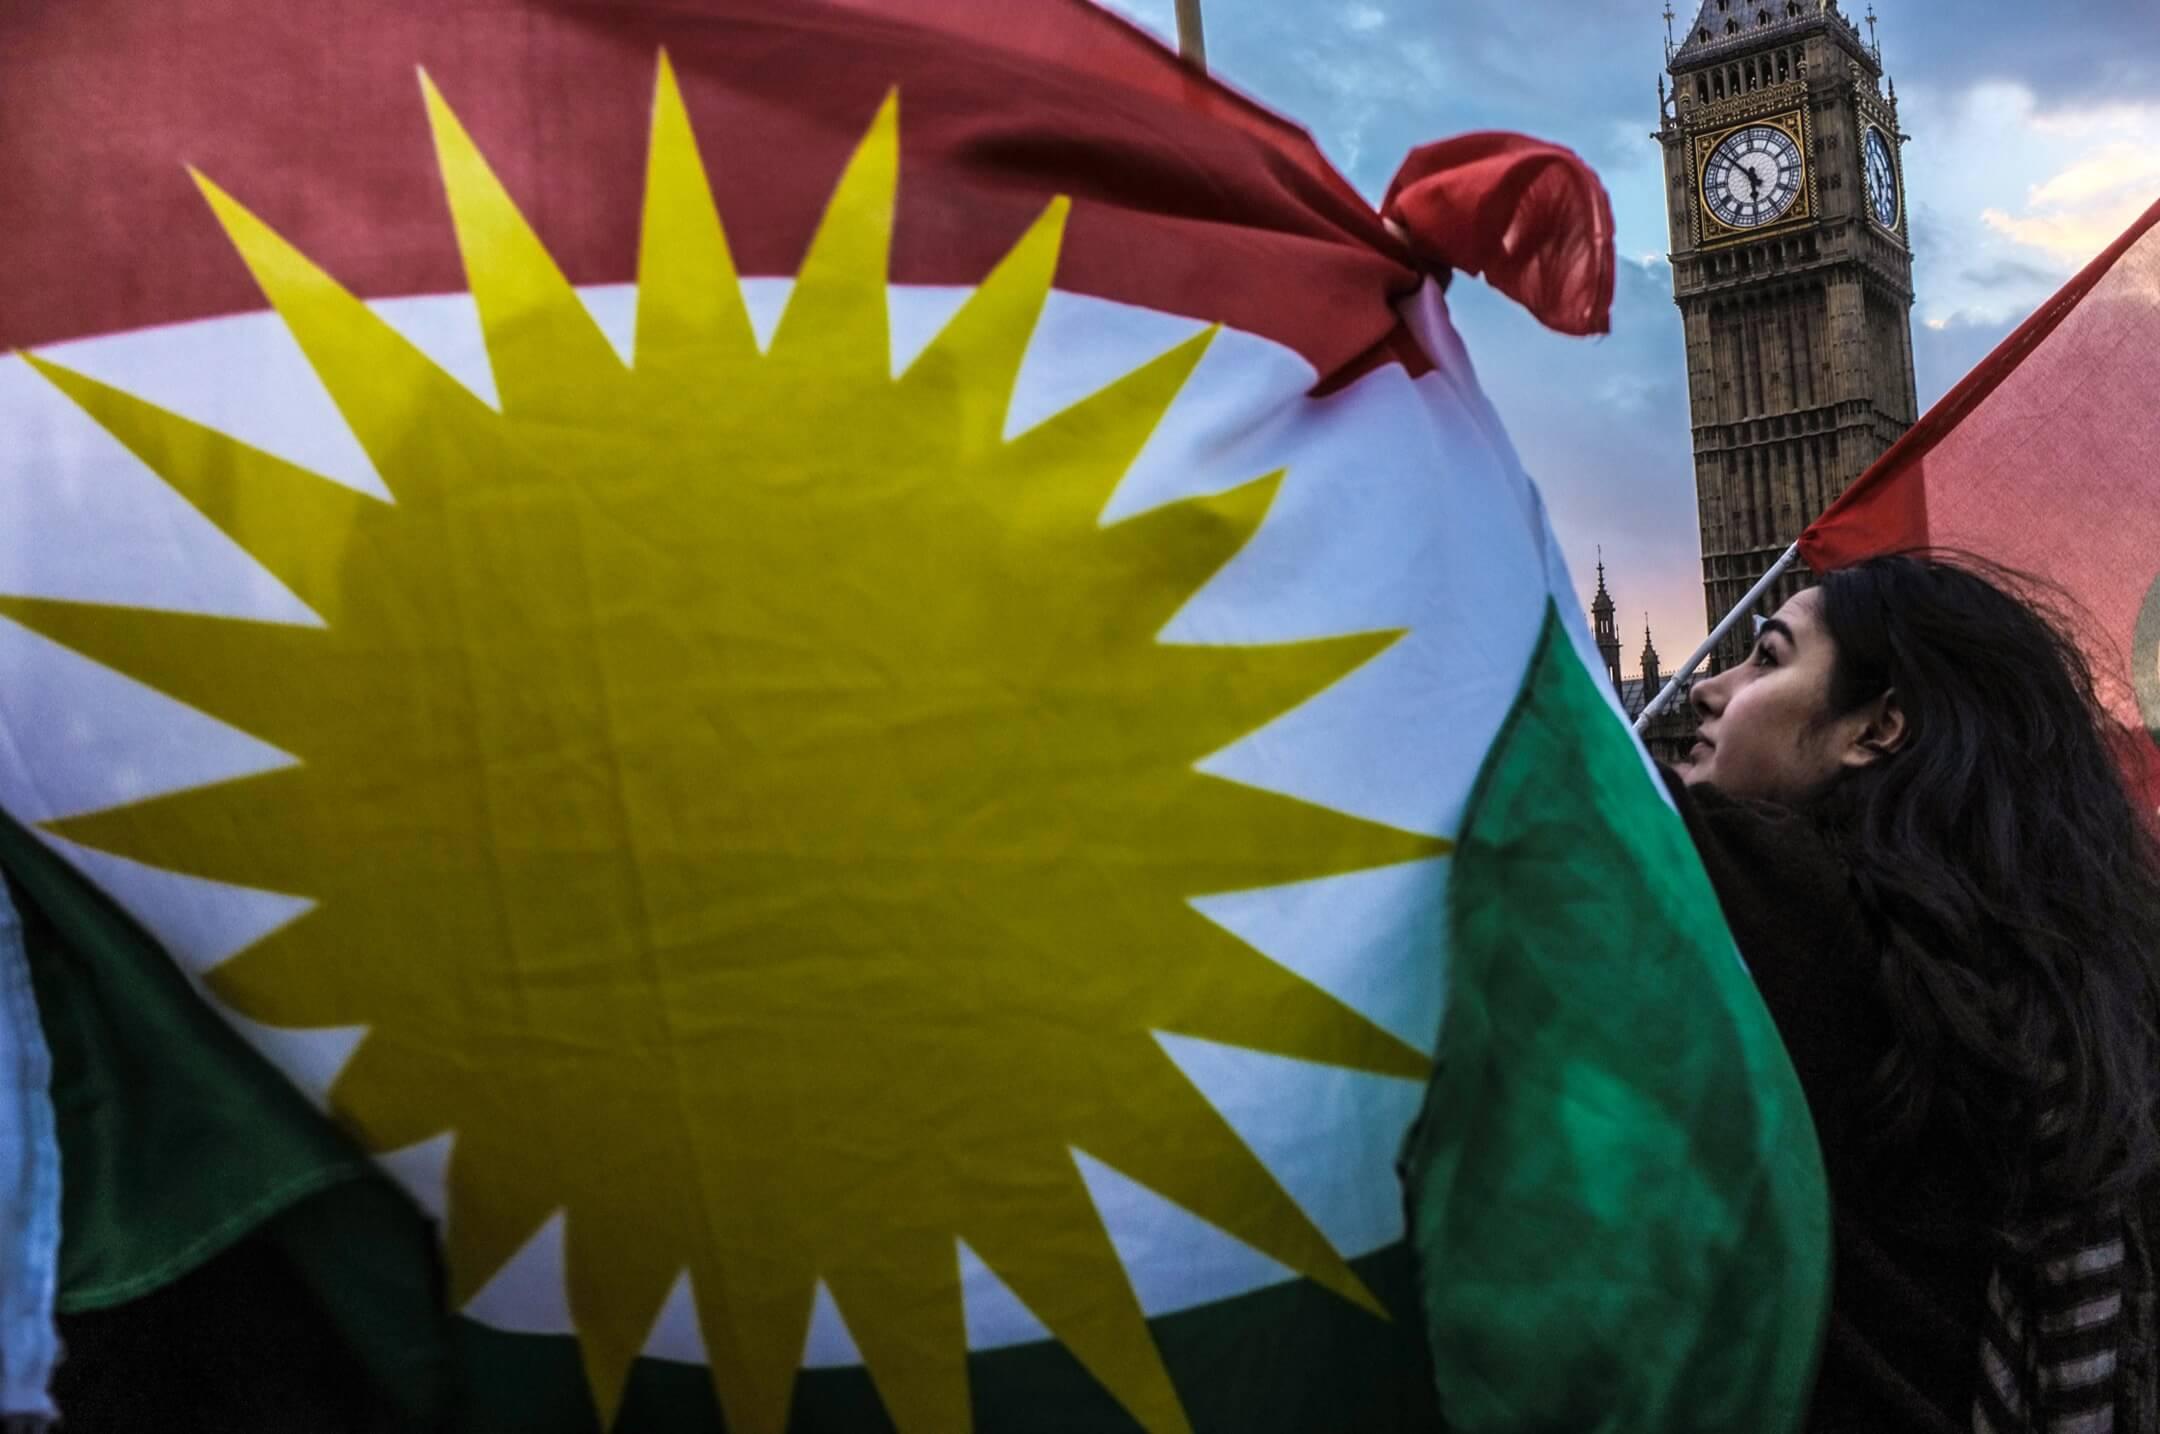 2014年10月,庫爾德示威者在倫敦國會廣場上抗議自稱「伊斯蘭國」恐怖組織入侵敘利亞北部。 攝:Jay Shaw Baker/NurPhoto via Getty Images